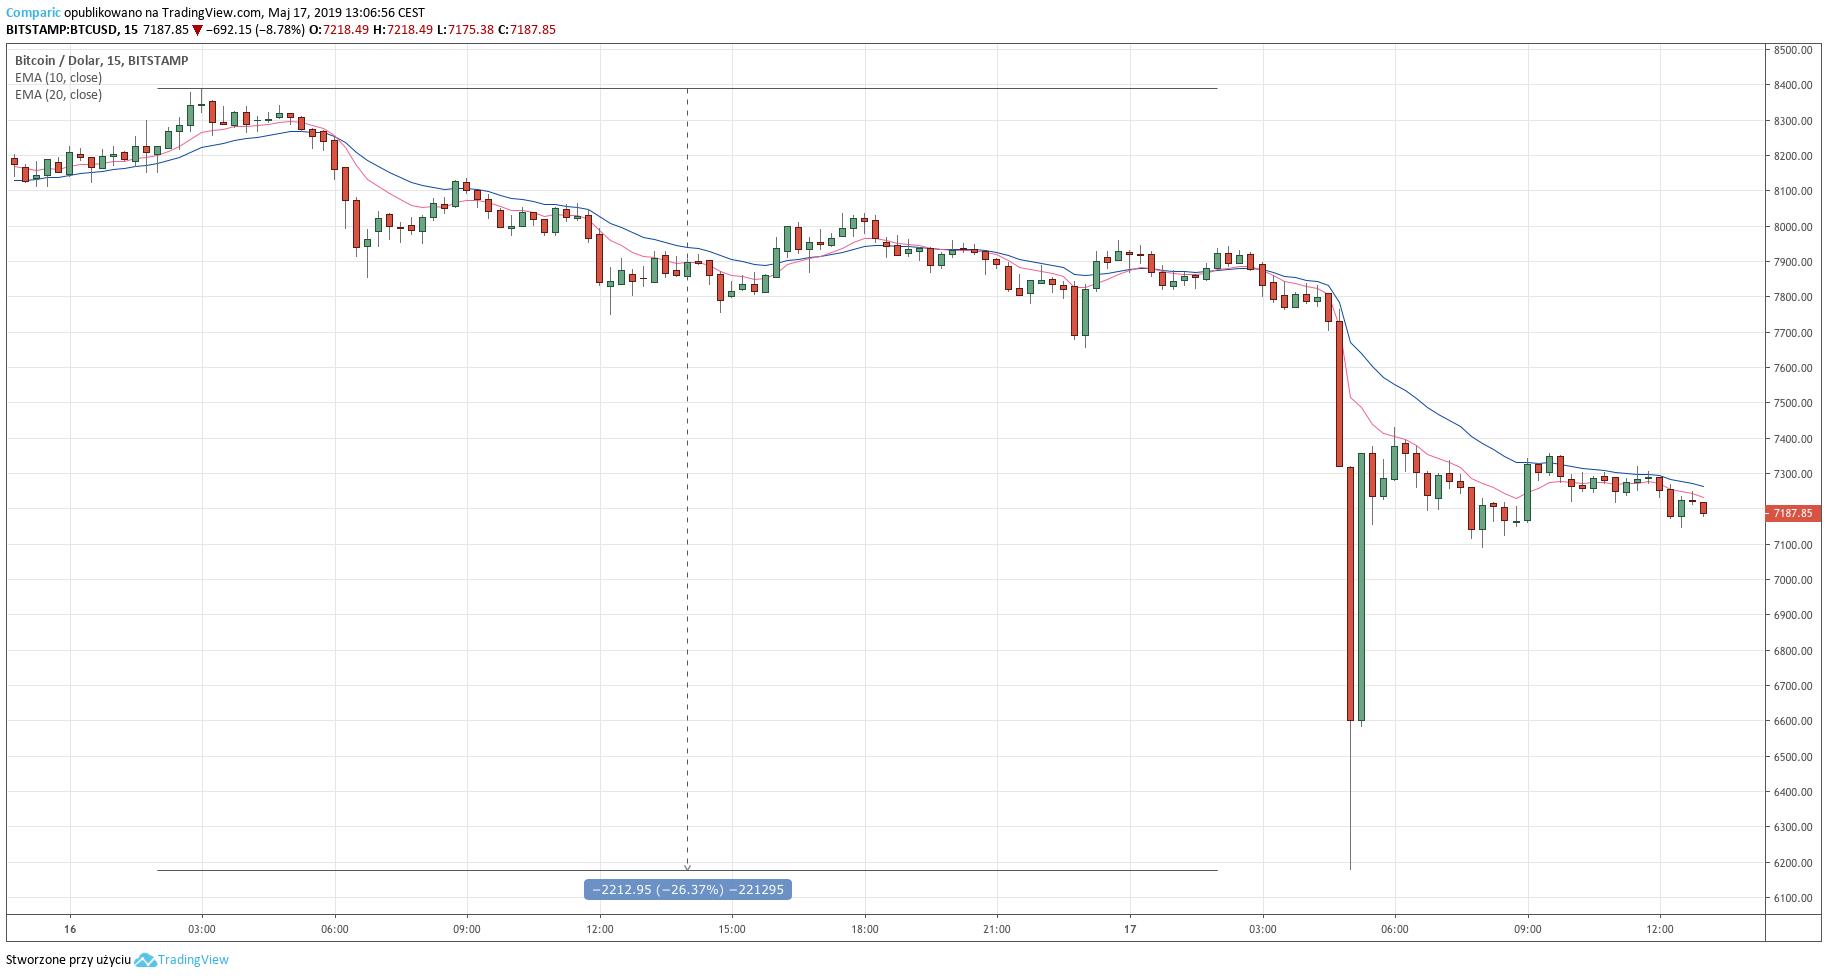 Kurs Bitcoina do dolara (BTC/USD) - wykres 15-minutowy - 17 maja 2019 | Bitstamp